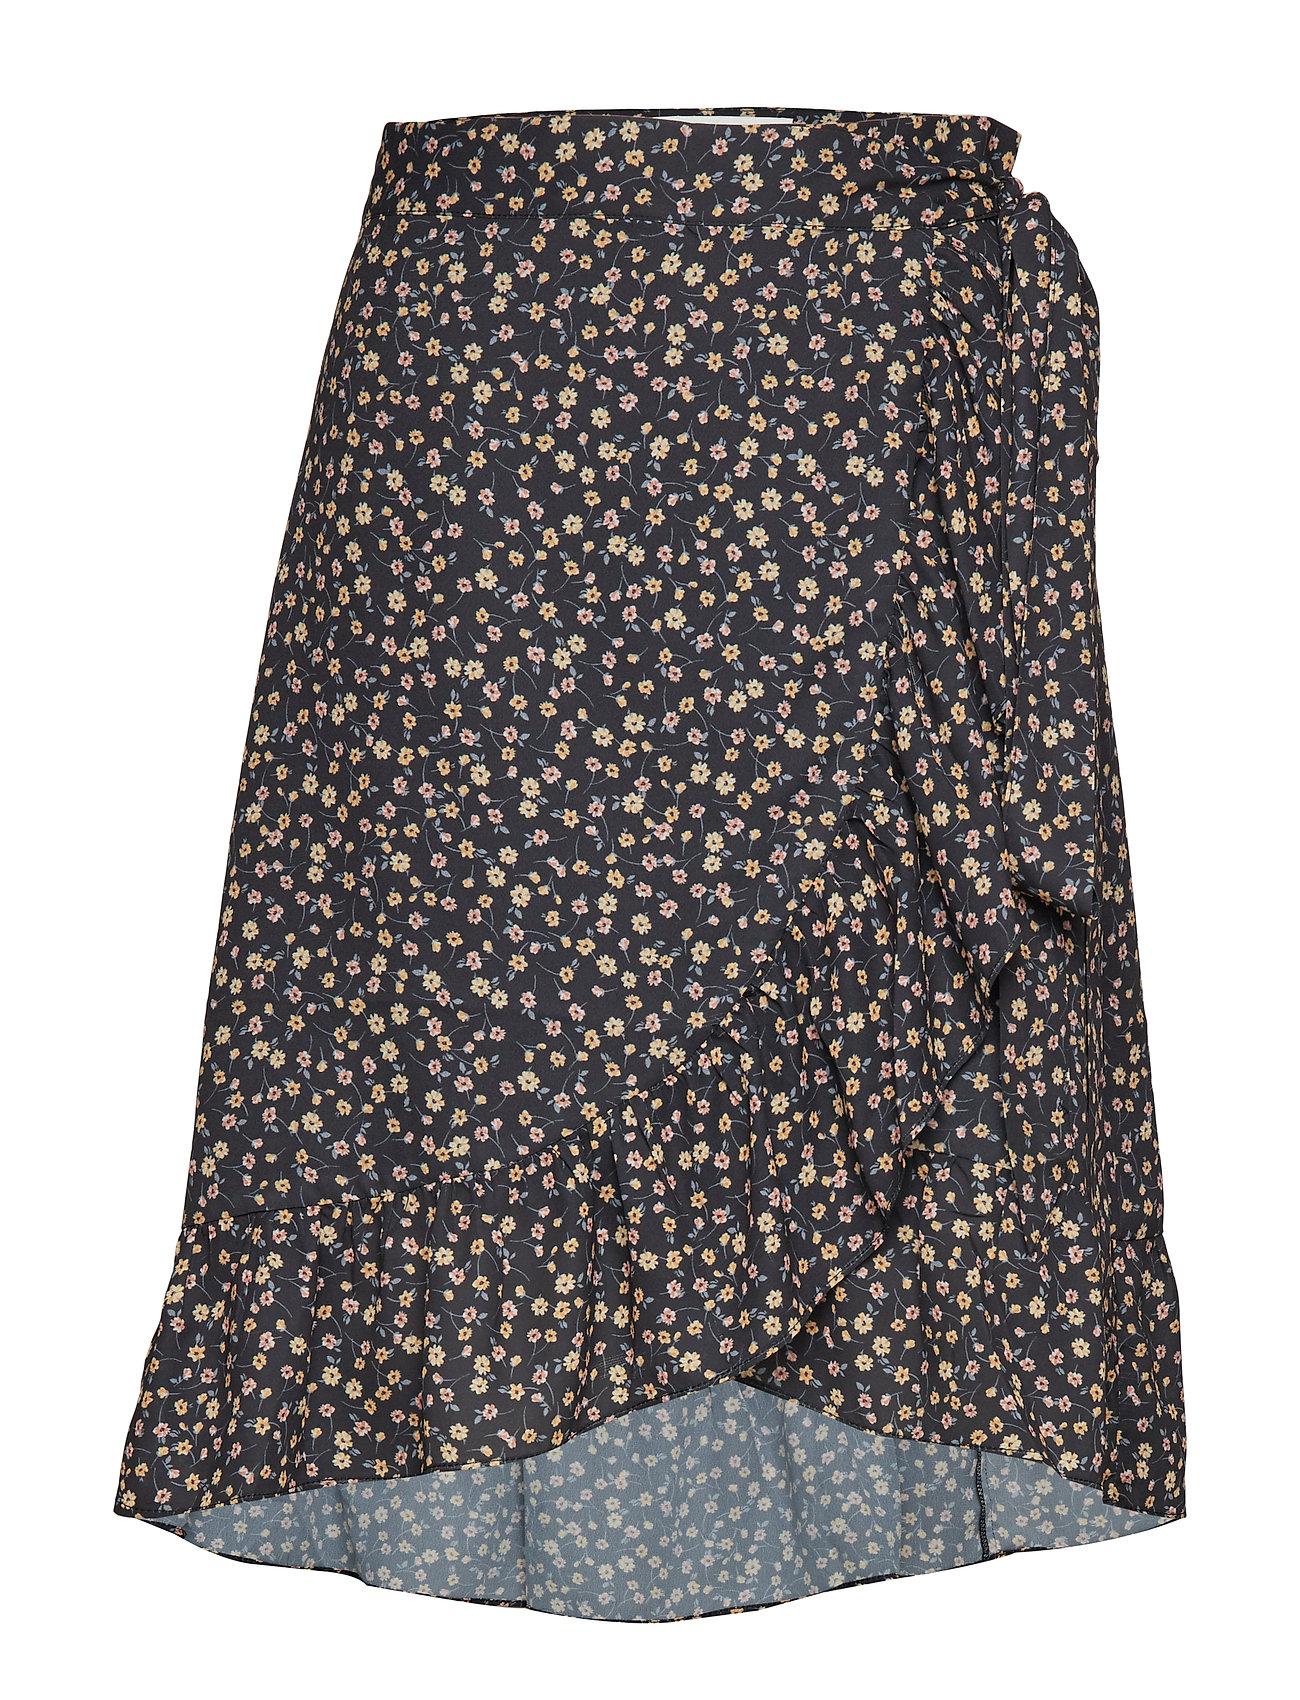 Fall Winter Spring Summer High Pressure Skirt Mini - PEACH PIQUE-NIQUE